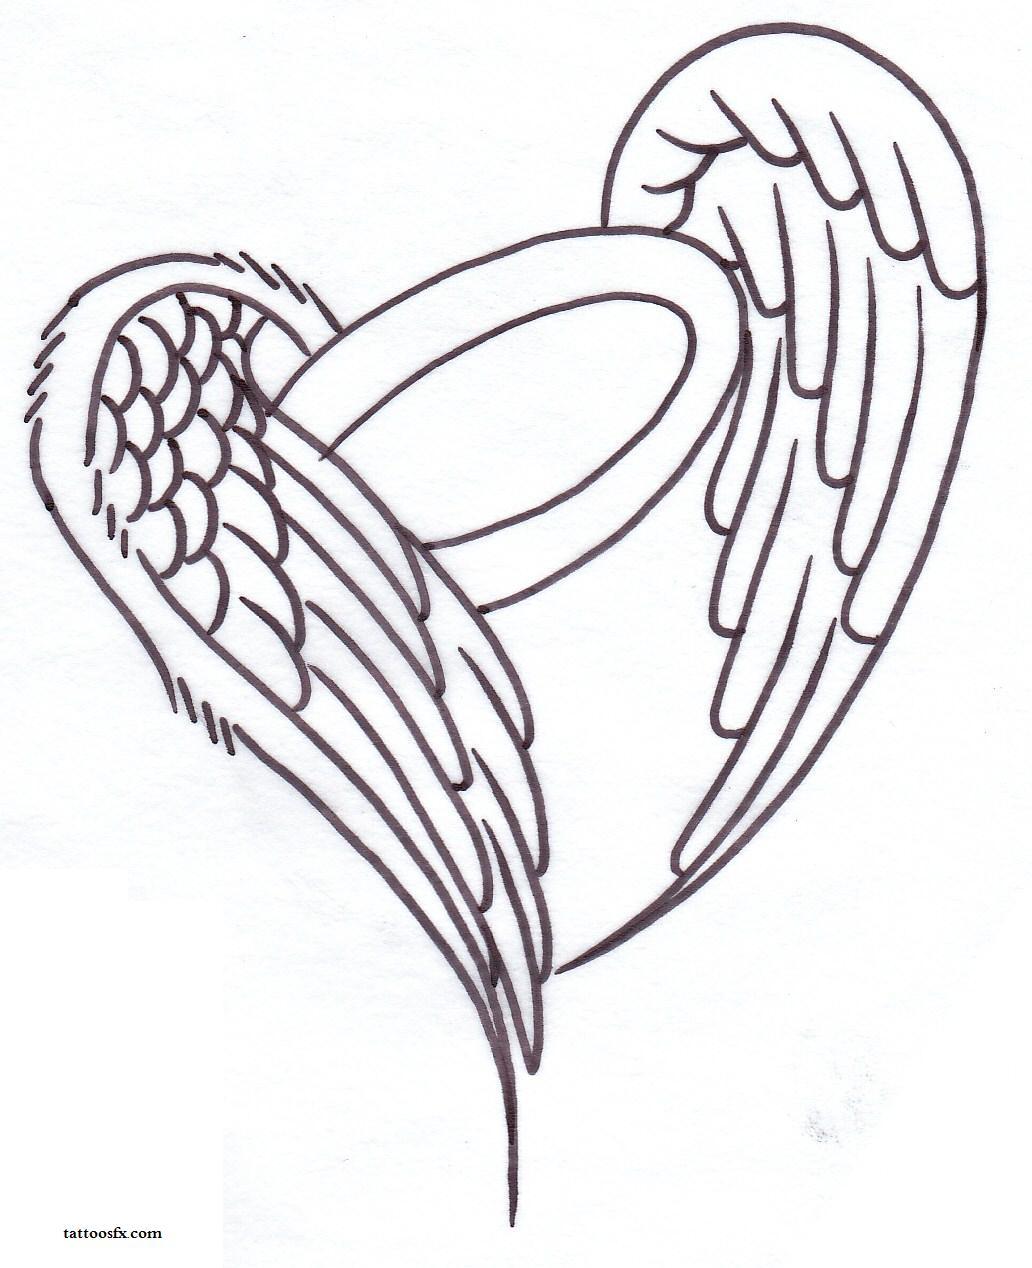 1032x1268 Angel Wing Tattoo Designs